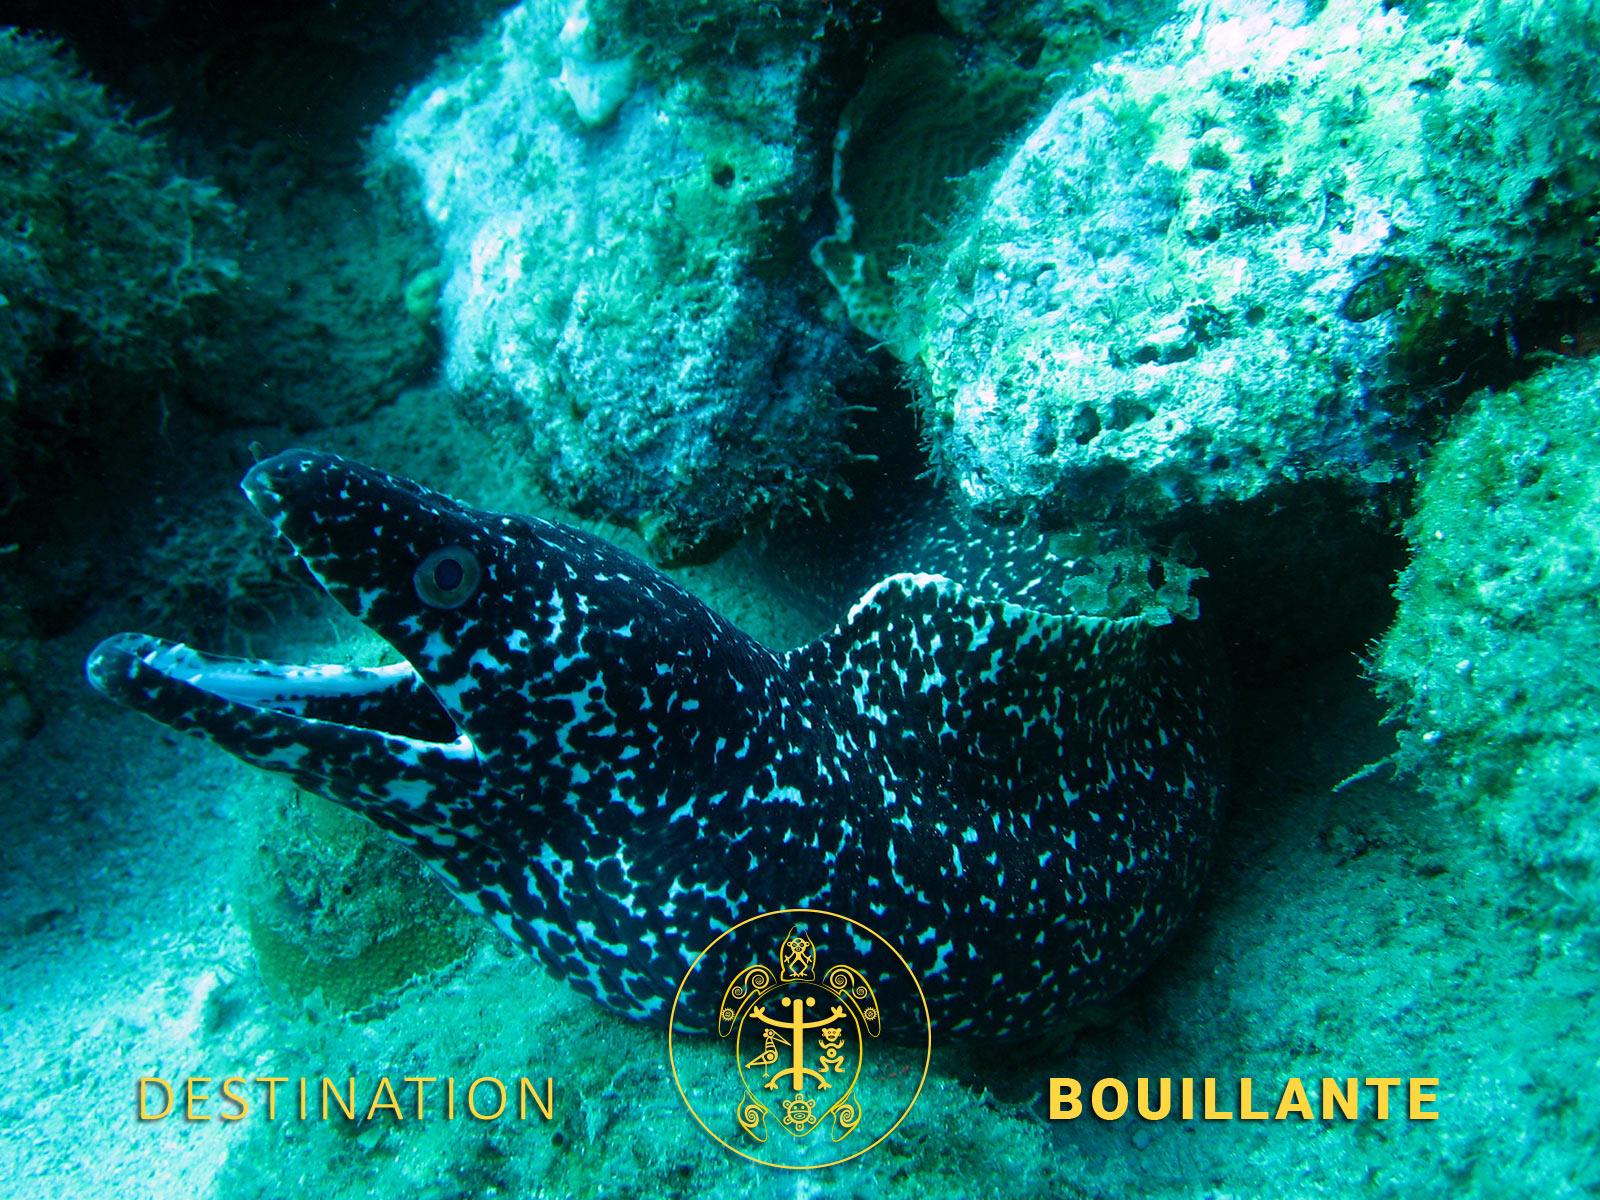 Murène noire - Réserve Cousteau